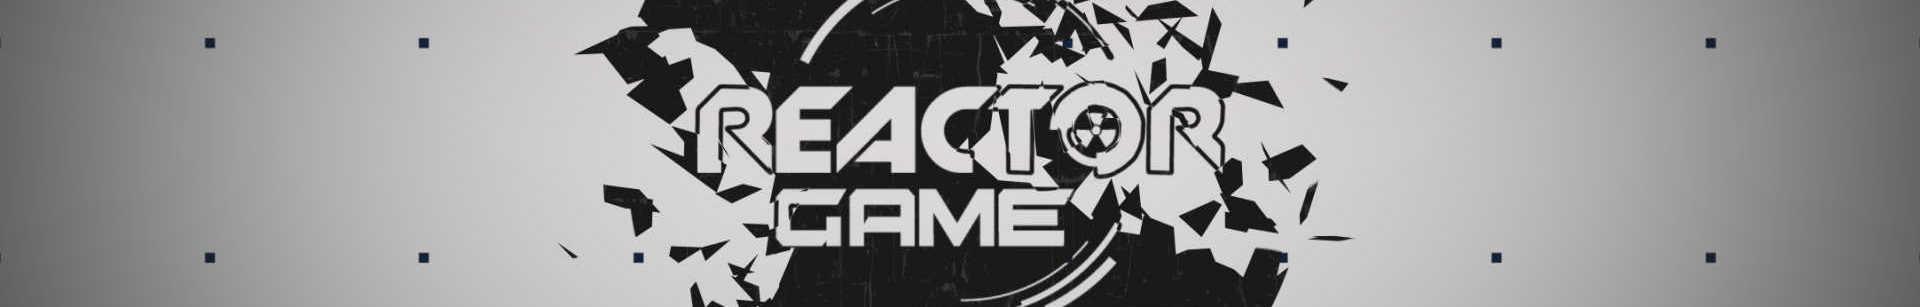 ReactorGame banner